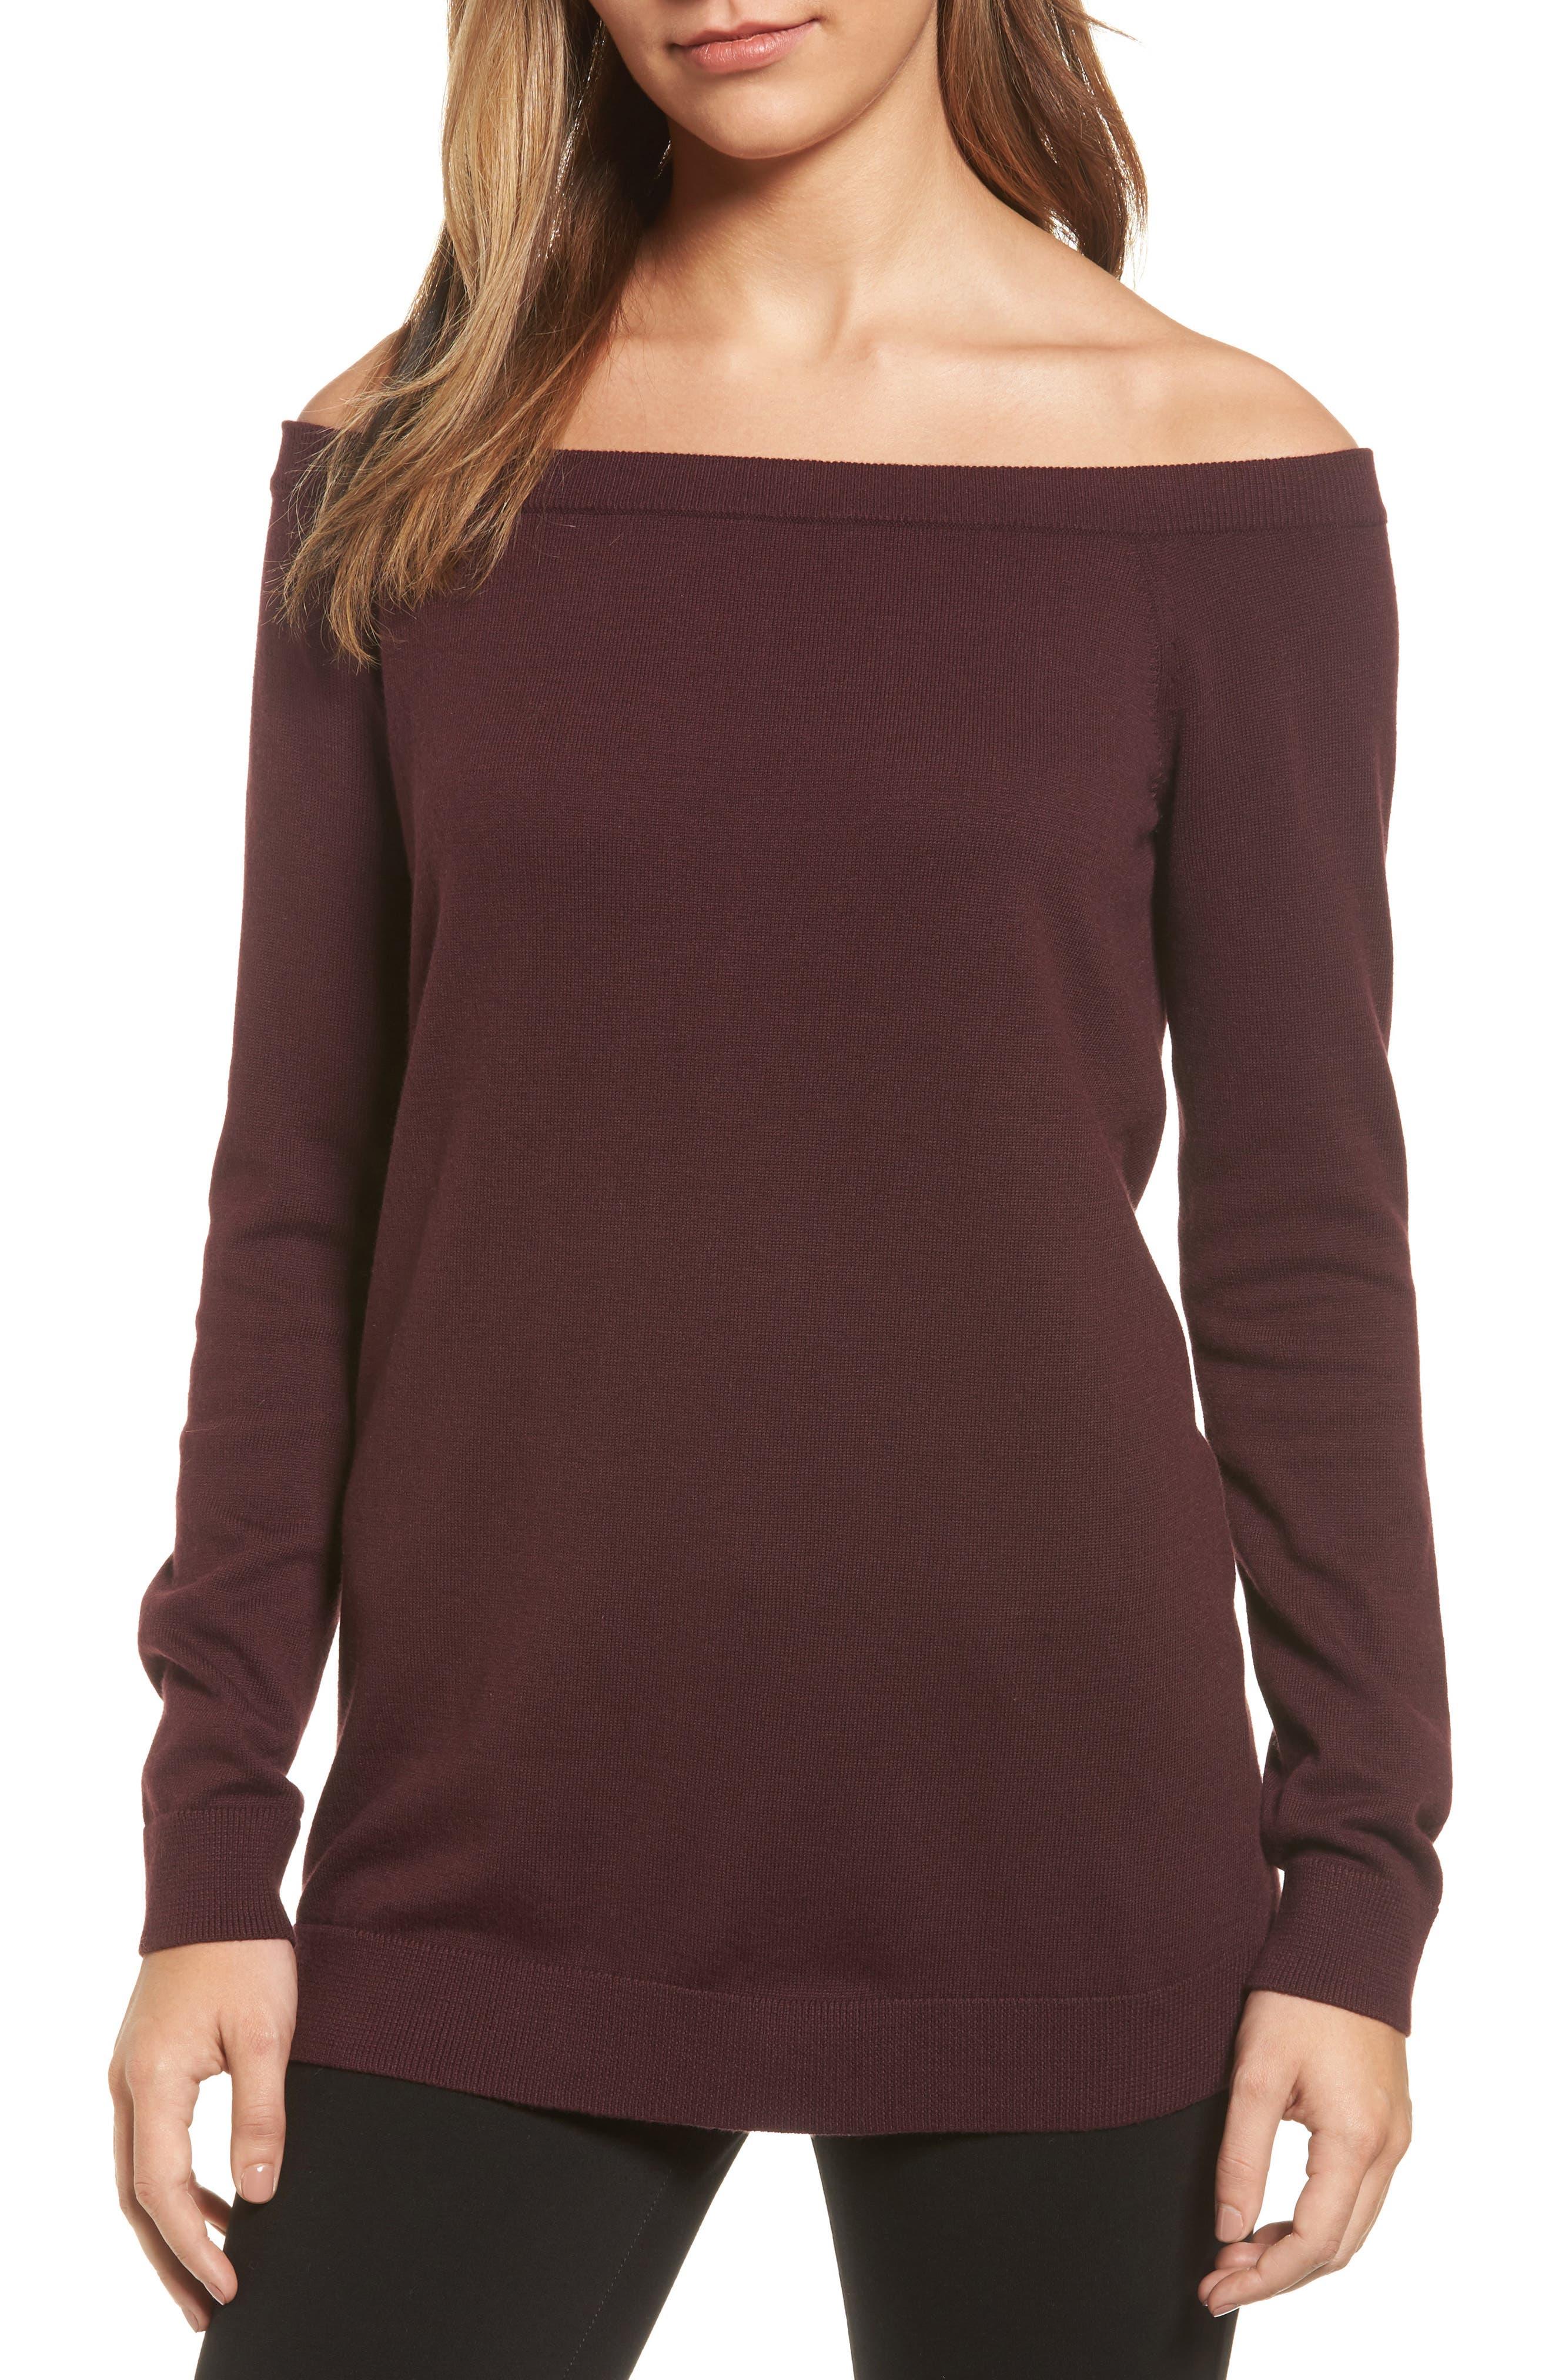 Alternate Image 1 Selected - Halogen® Cotton Blend Off the Shoulder Sweater (Regular & Petite)